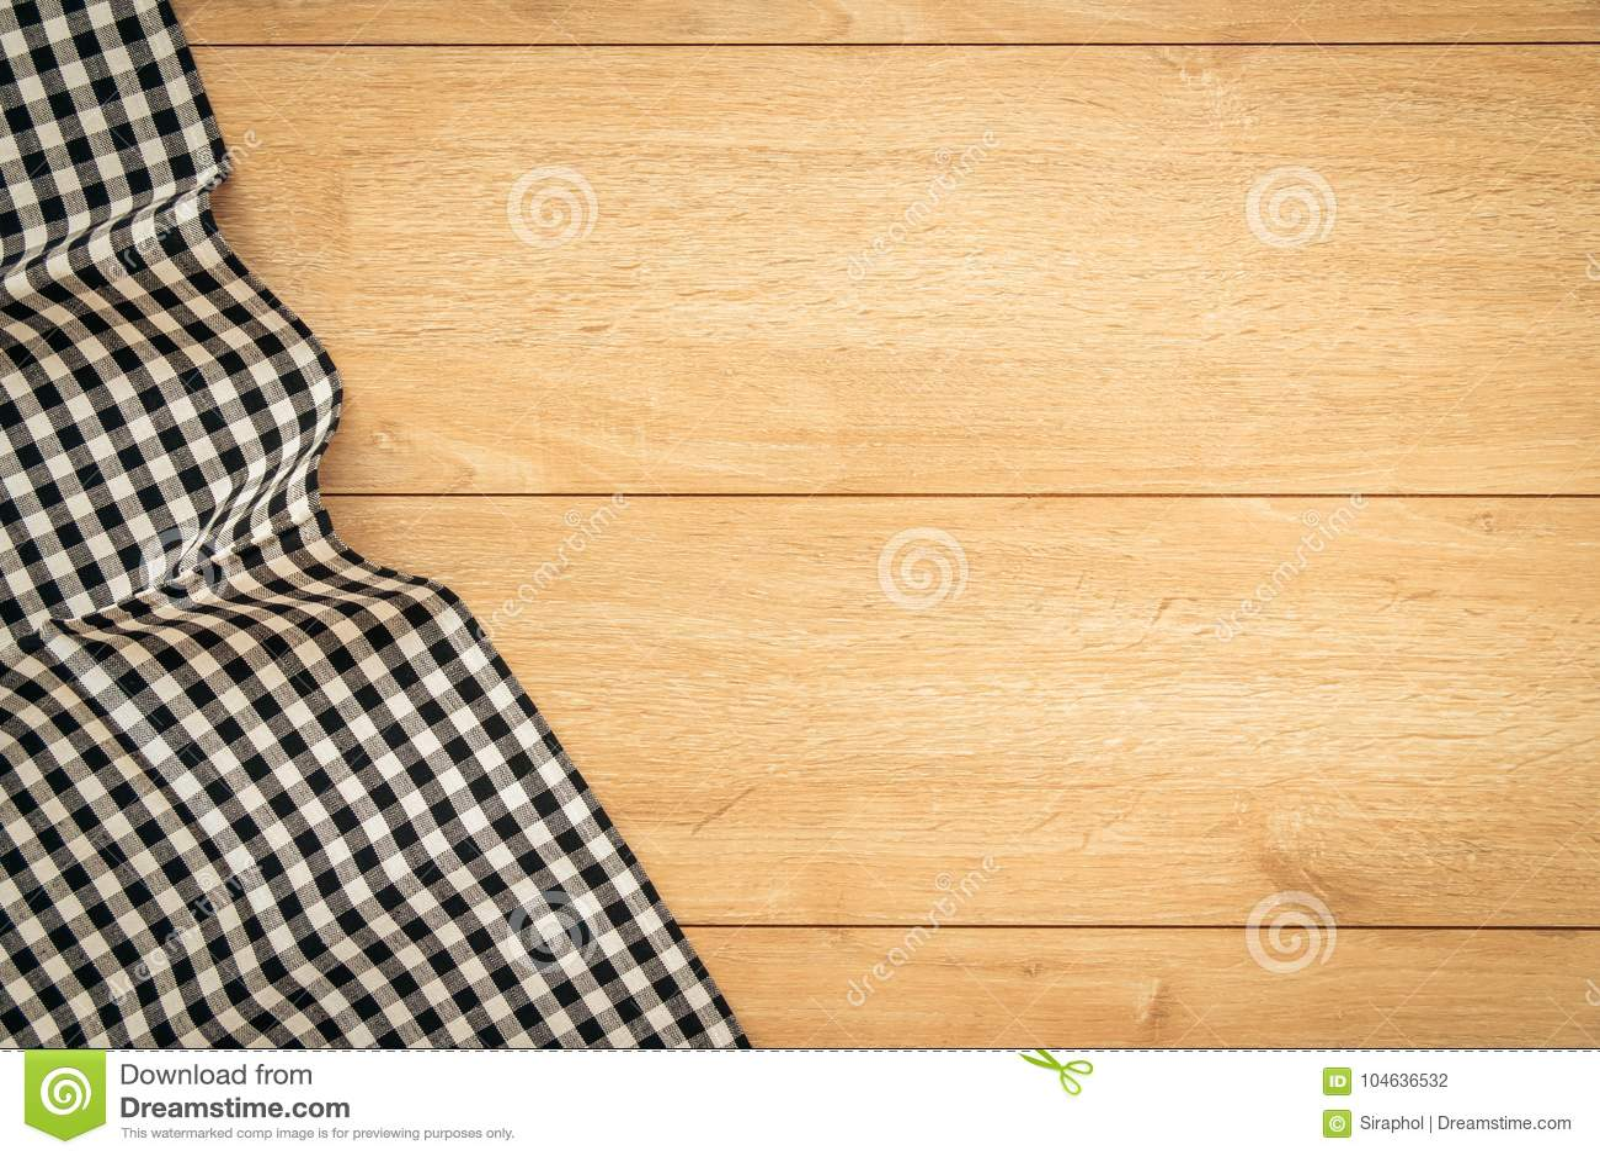 Download Keukendoek op houten lijst stock foto. Afbeelding bestaande uit exemplaar - 104636532